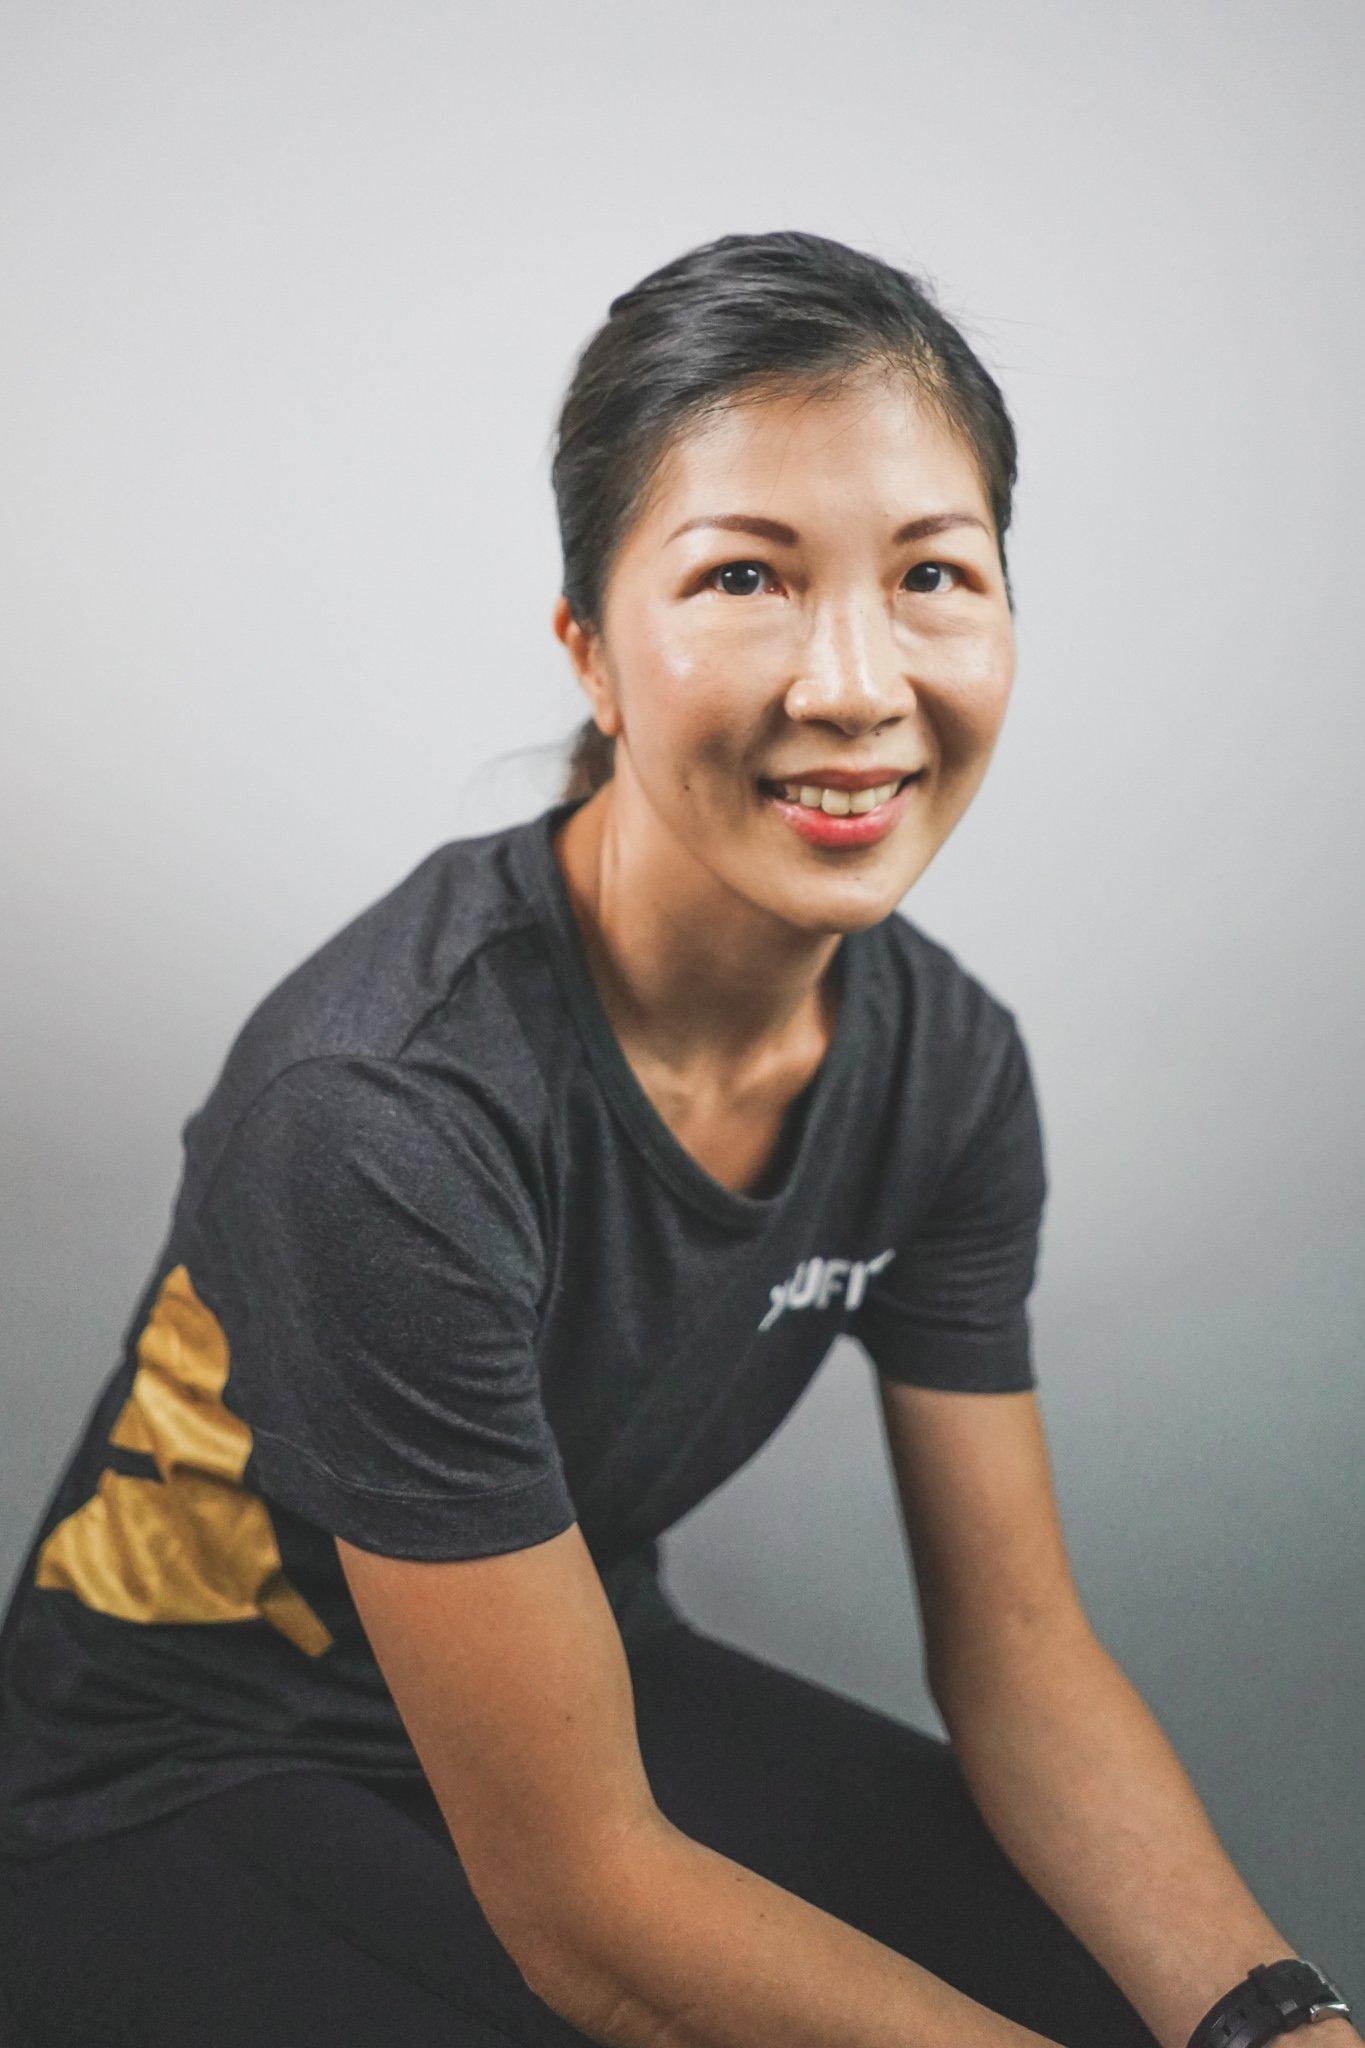 Margaret Lim UFIT Pilates Instructor